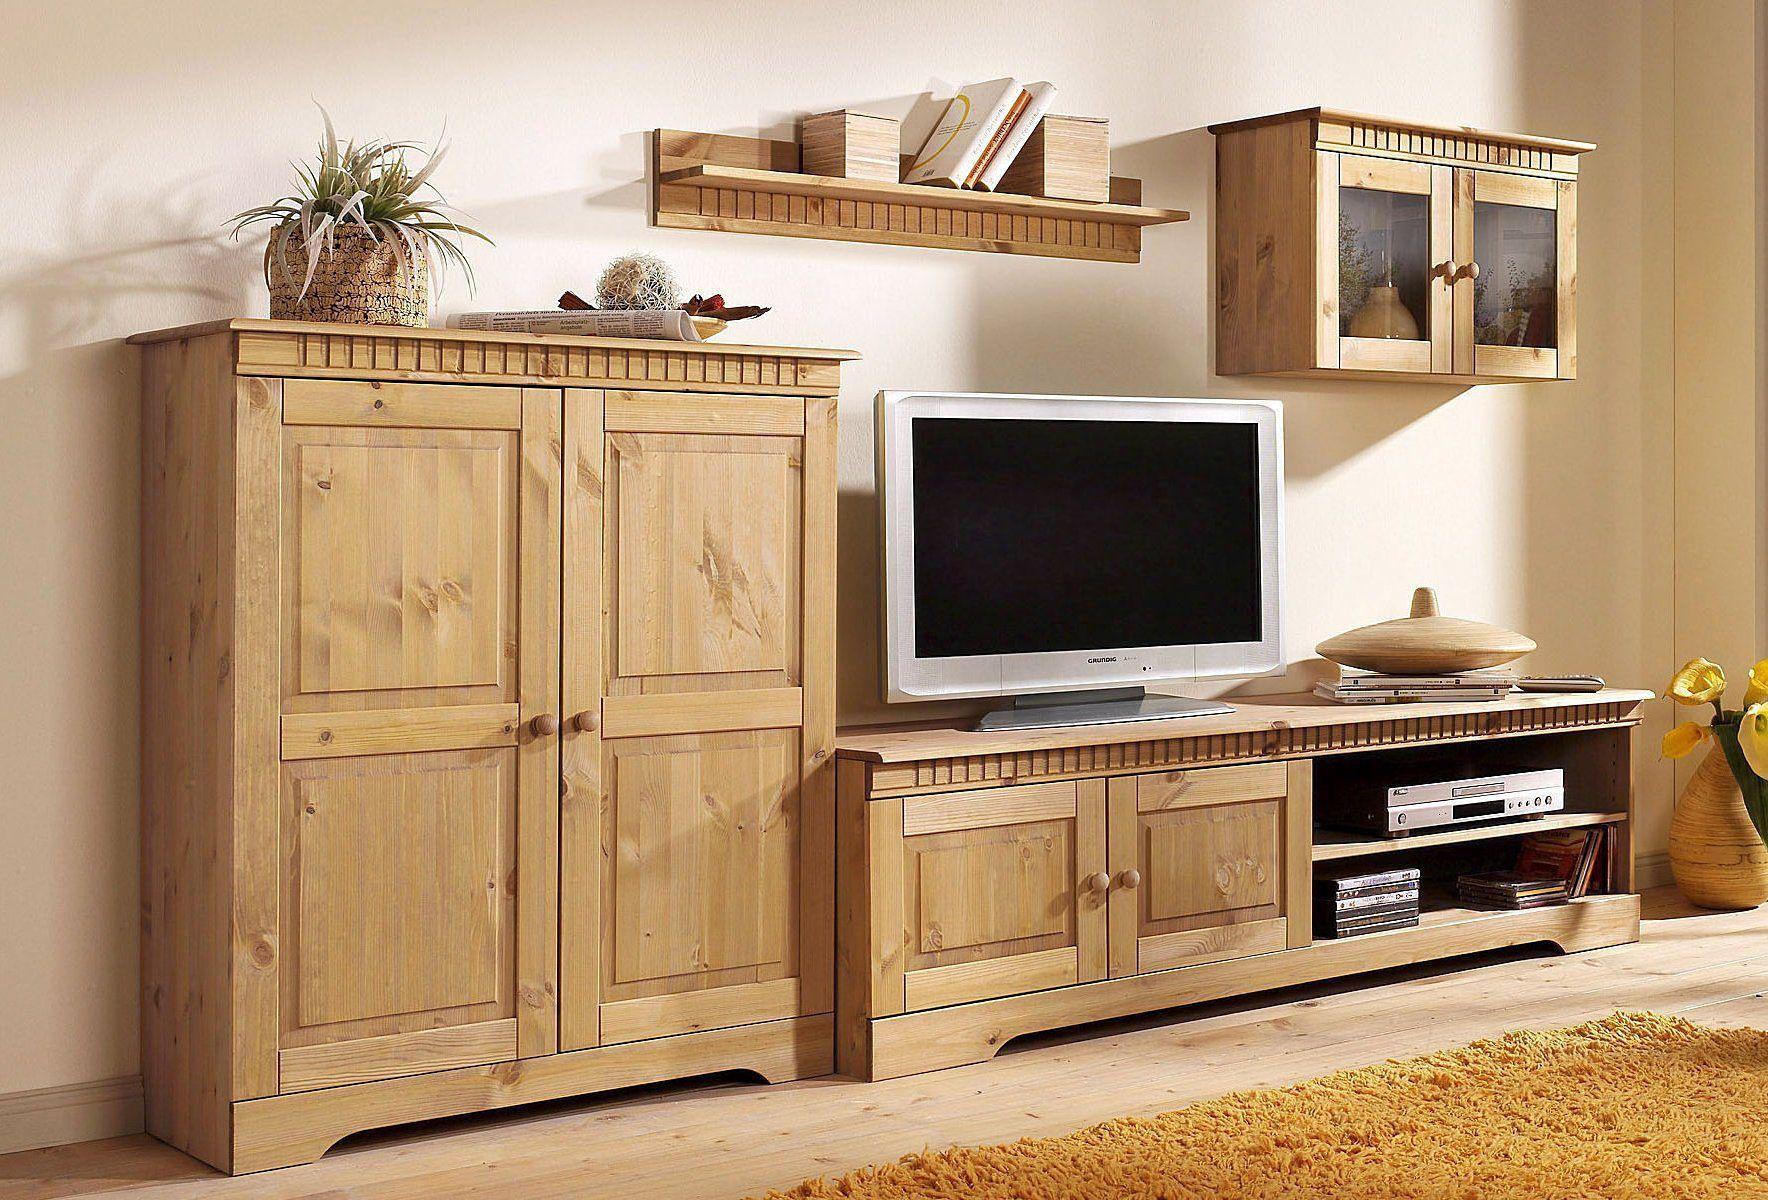 Fesselnd Home Affaire Wohnwand Beige, FSC® Zertifiziert Jetzt Bestellen Unter:  Https:/